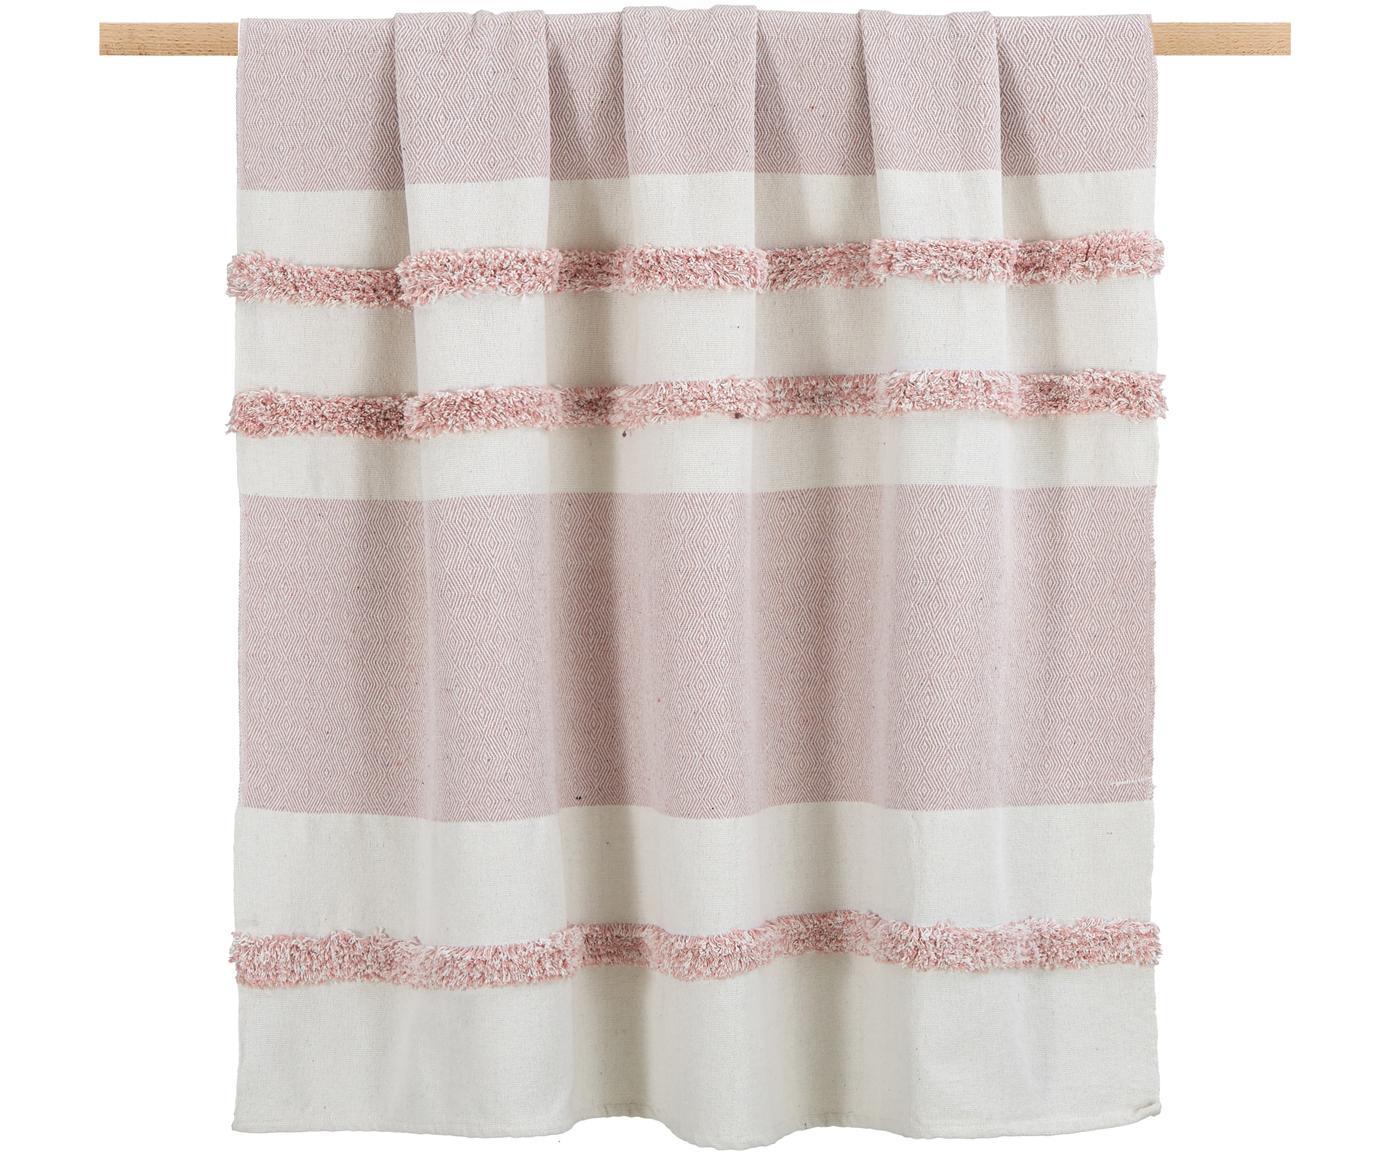 Plaid Pimperlet mit Hoch-Tief-Muster, 100% Baumwolle, Gebrochenes Weiß, Rosa, 125 x 150 cm